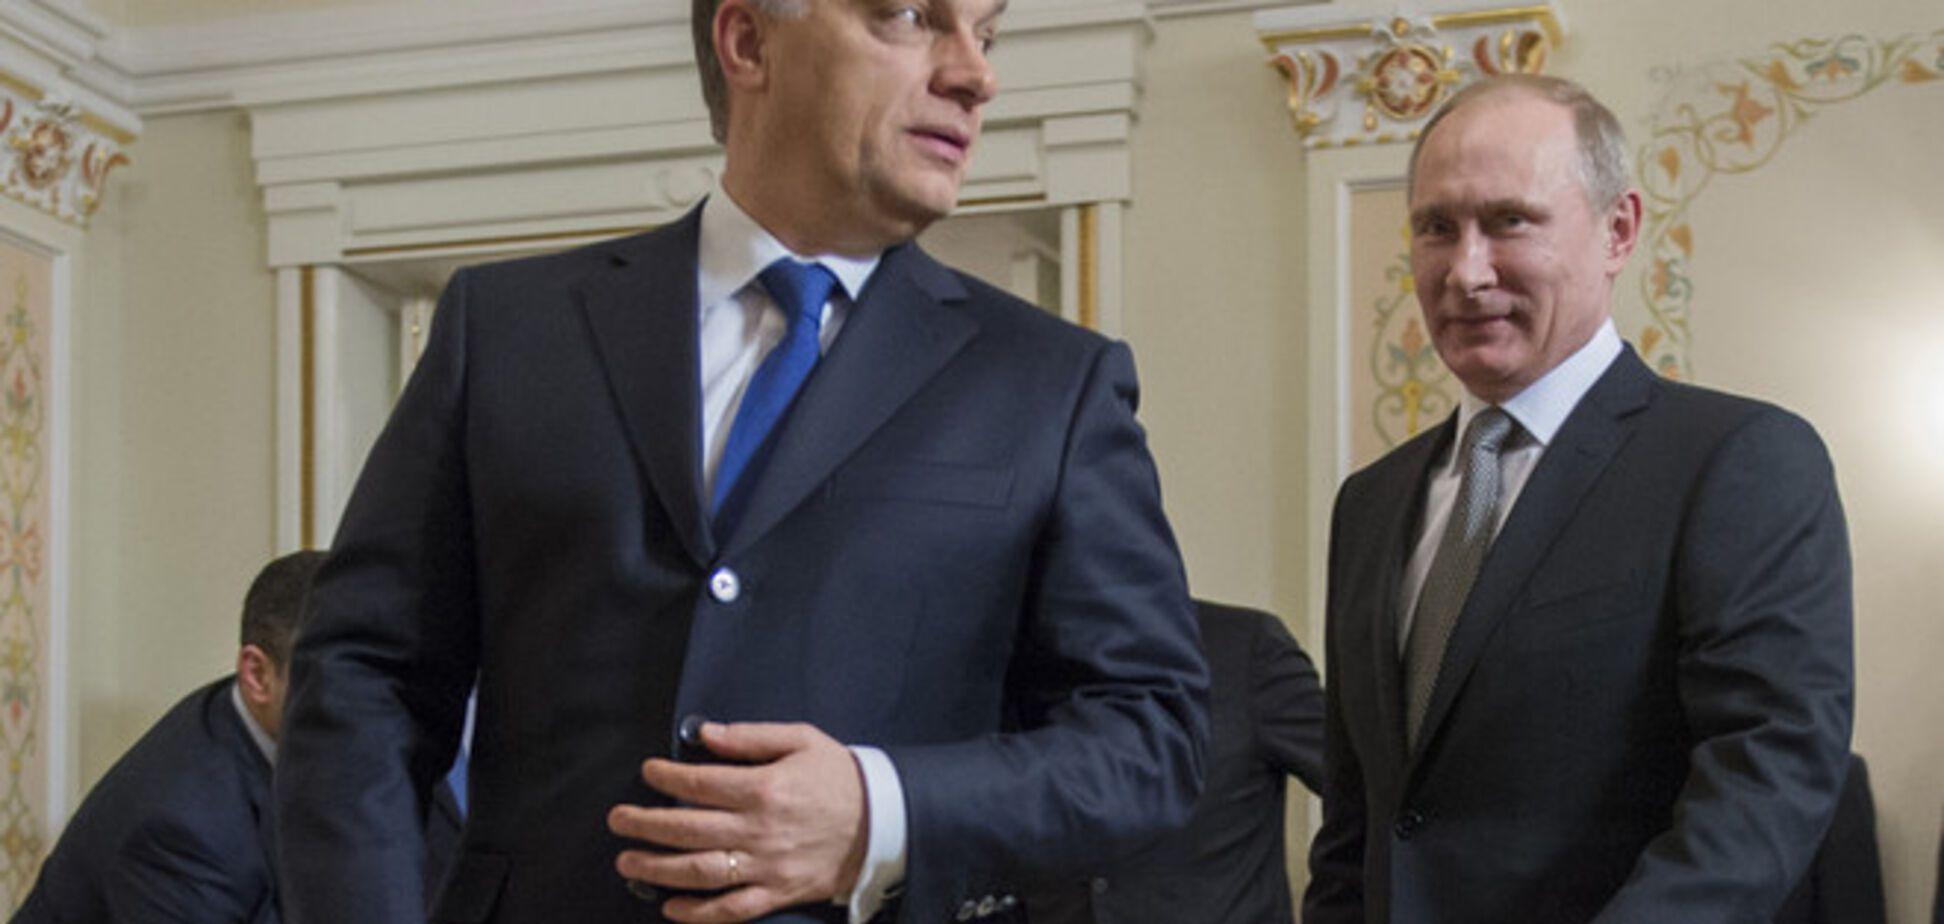 Премьера Венгрии уличили в тайном сговоре с Путиным – западные СМИ